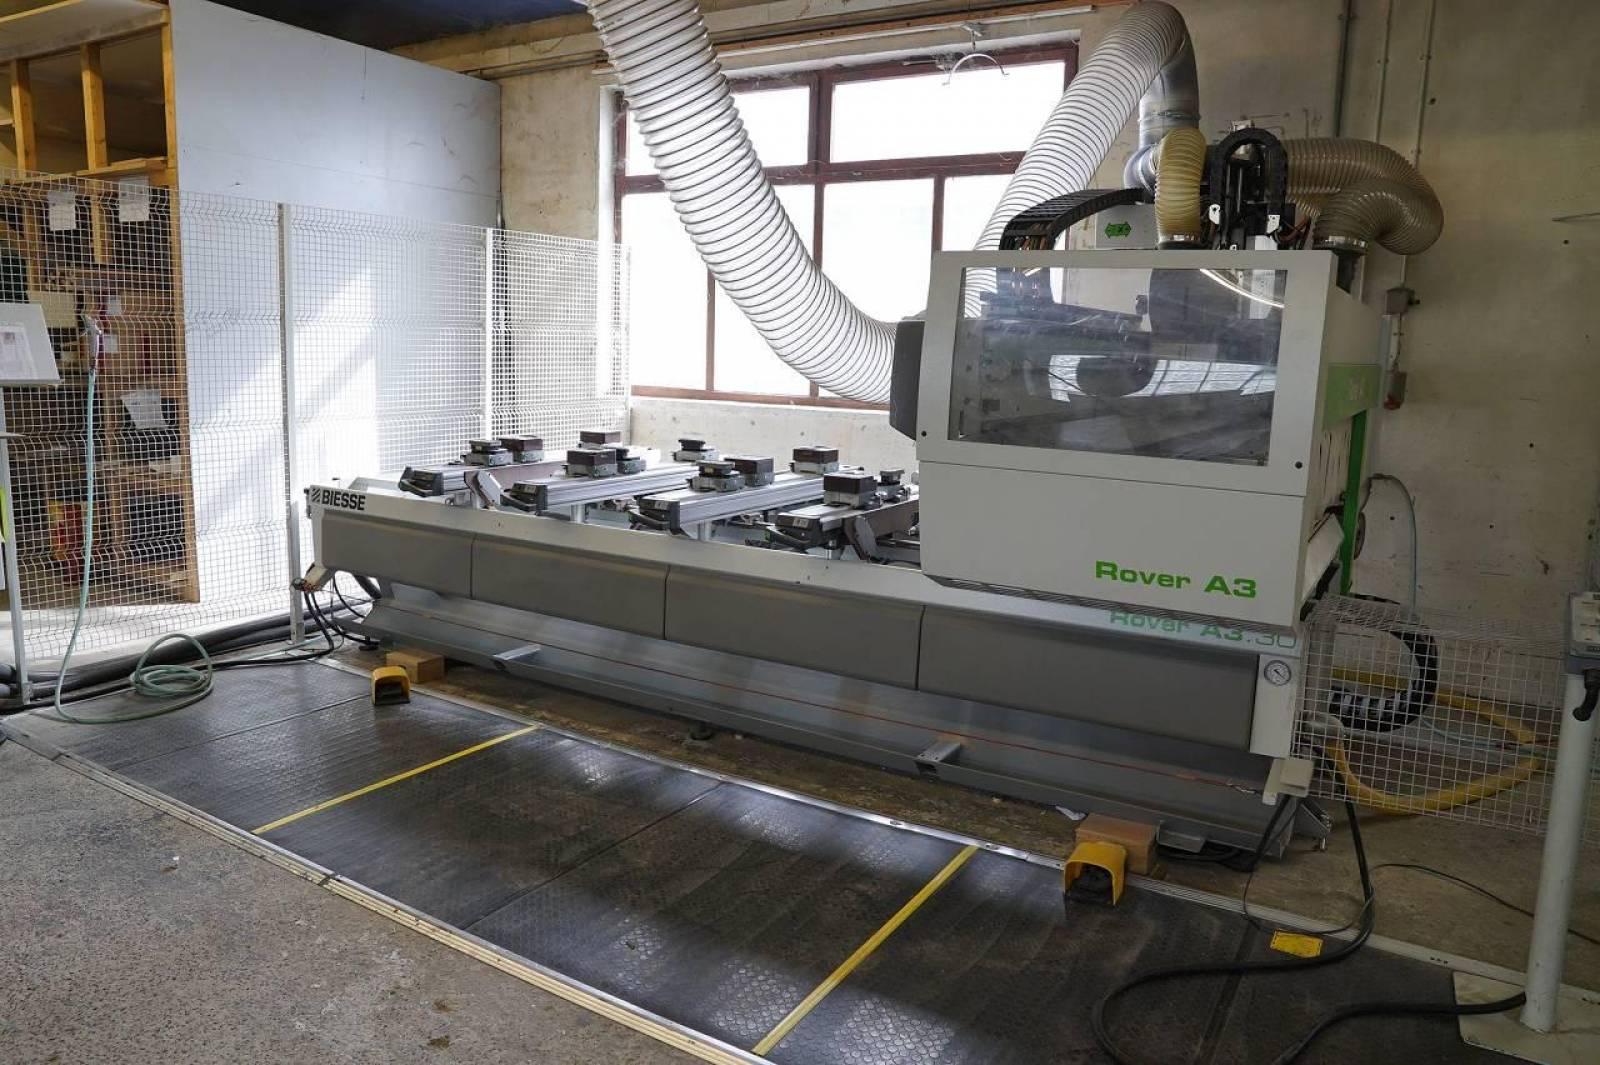 2008 BIESSE ROVER A 3.30 Centro di lavoro CNC in vendita - foto 2